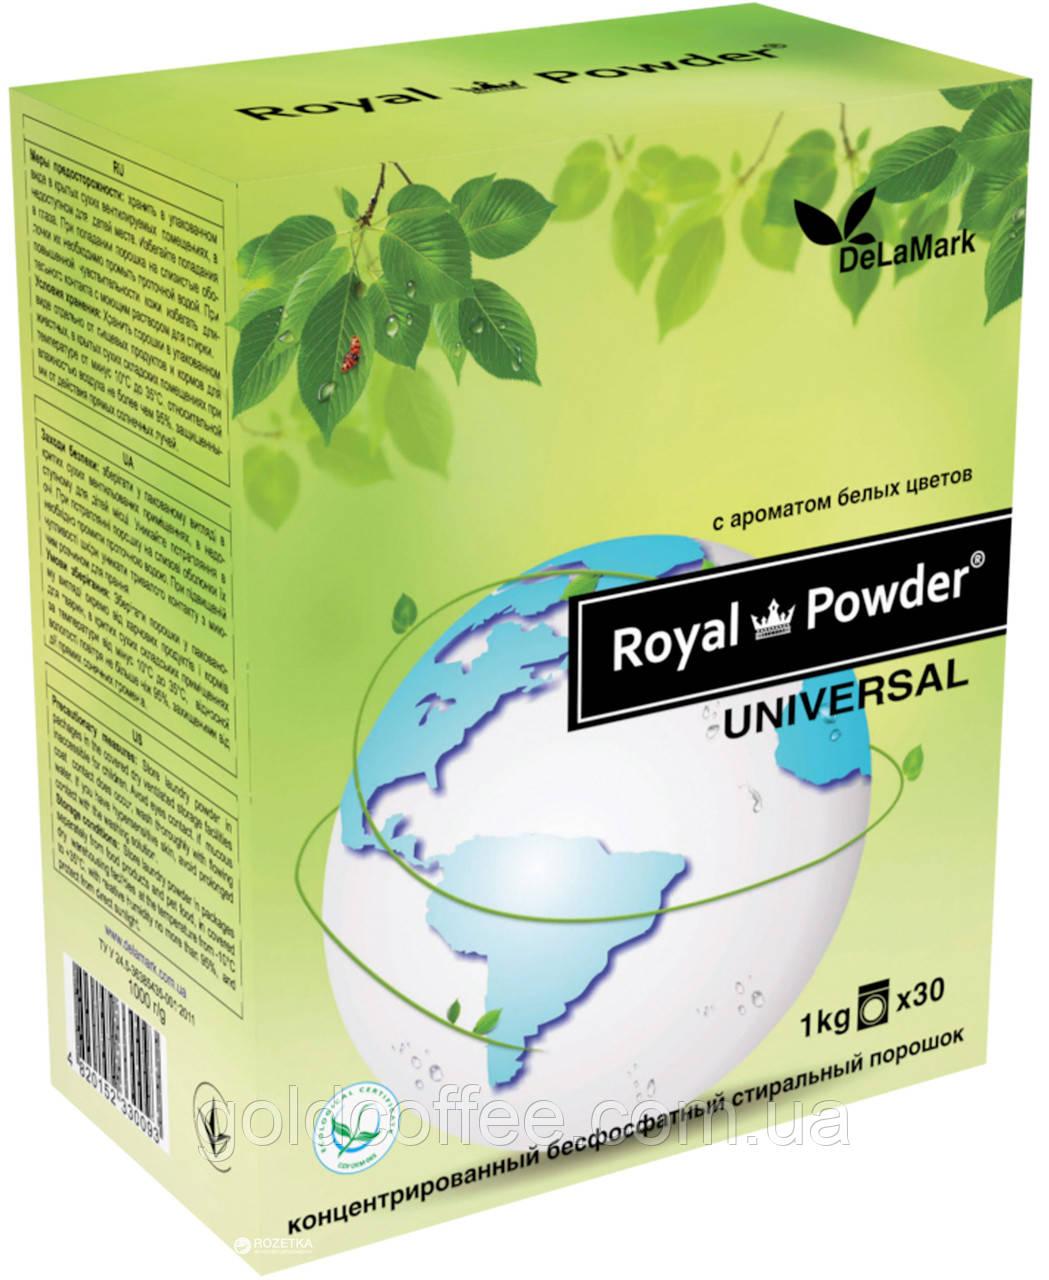 Royal Powder Універсальний з запахом білих кольорів 1 кг концентрований безфосфатний пральний порошок